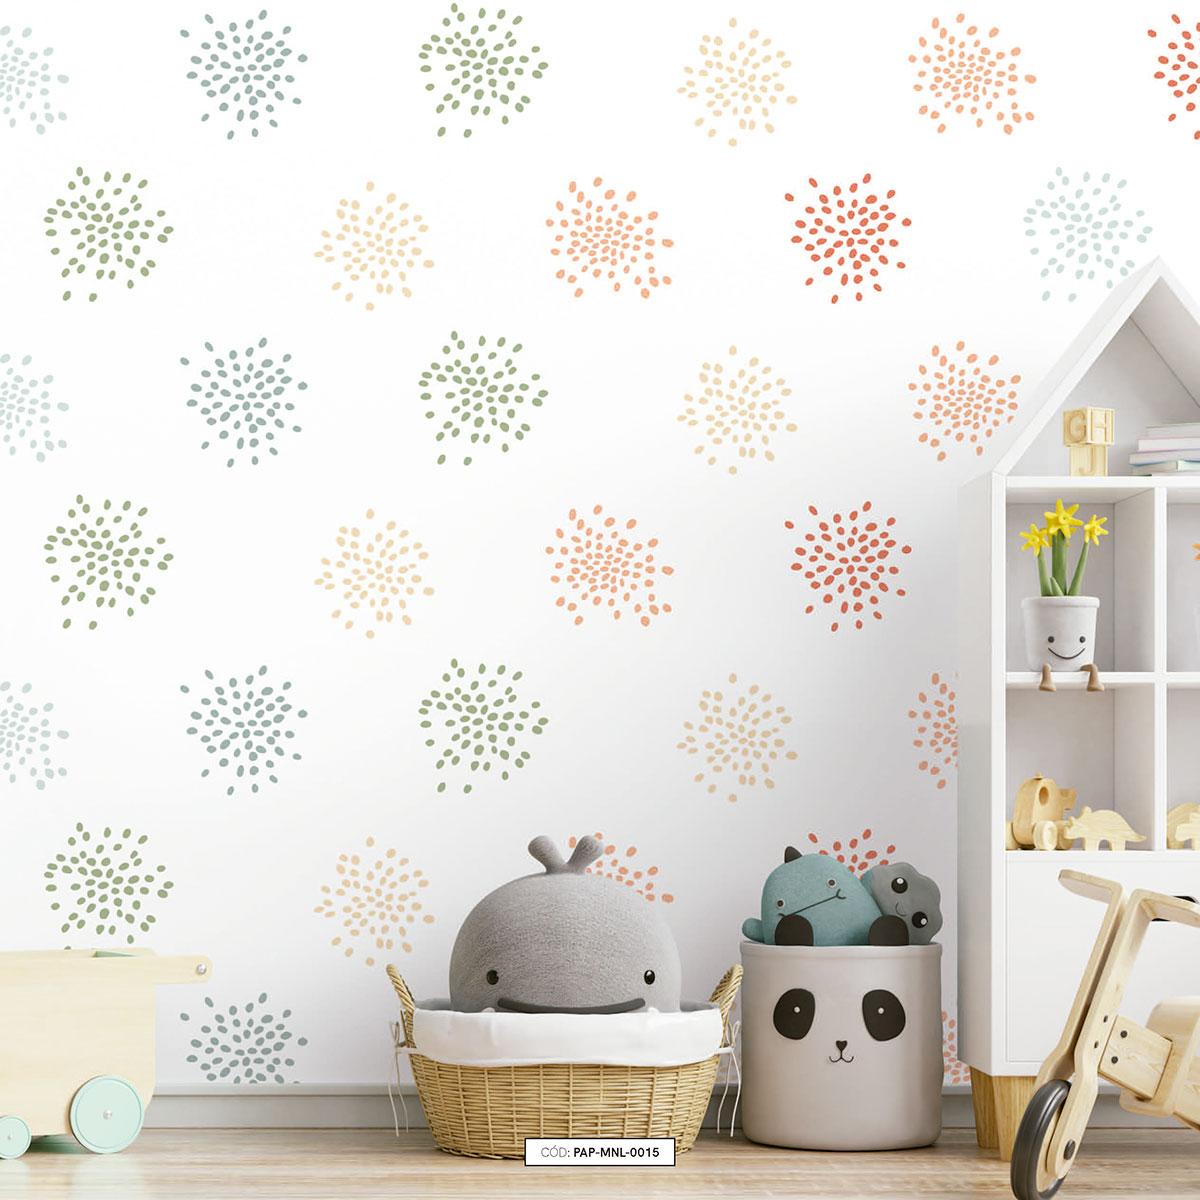 Painel de parede chuvisco colors